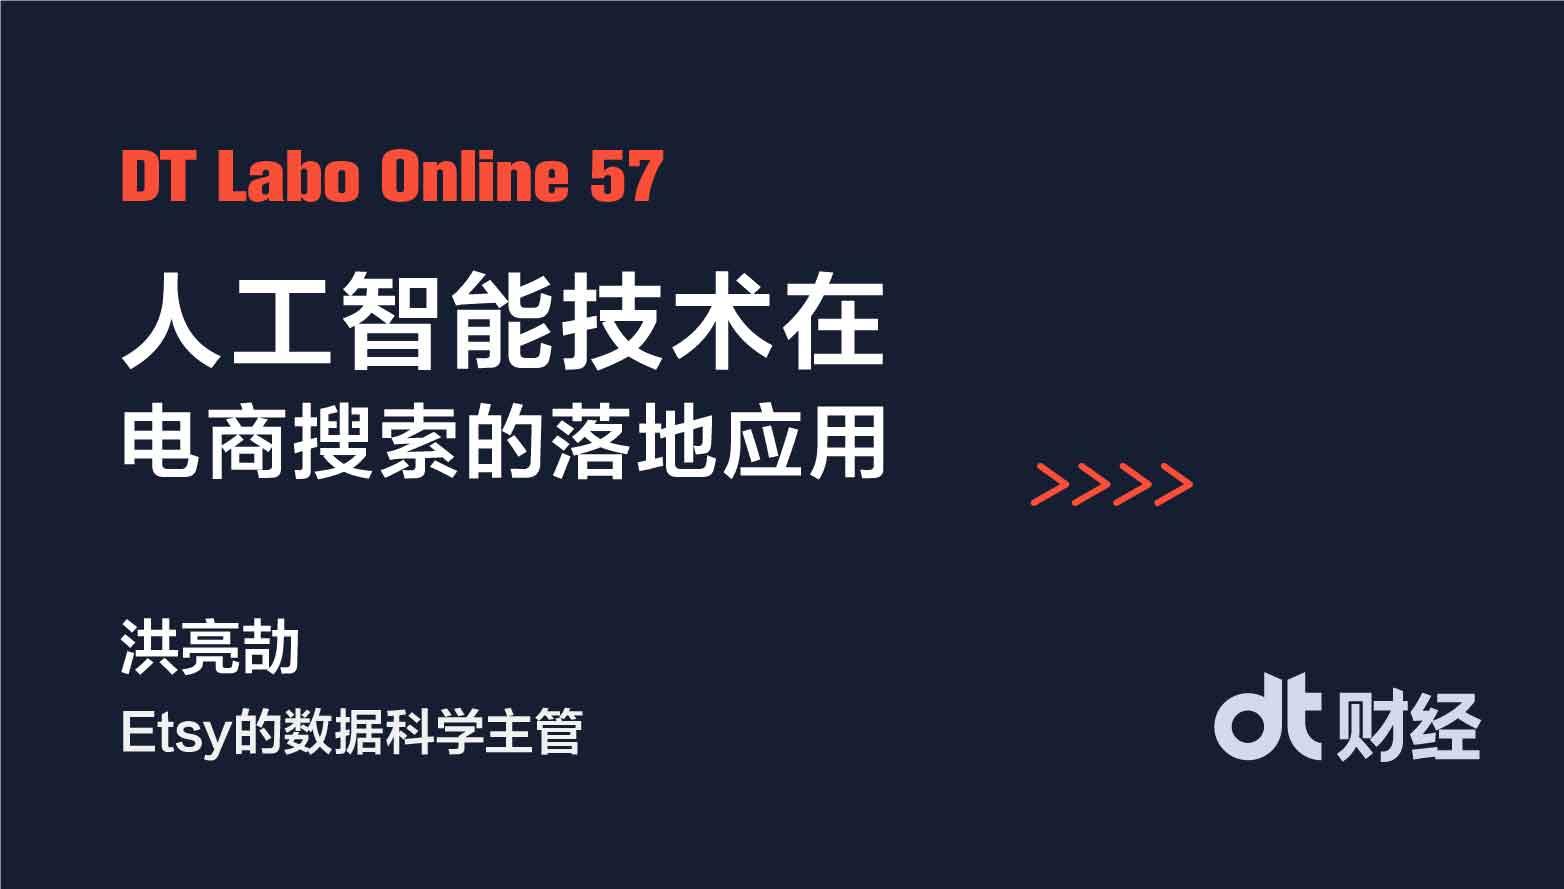 人工智能技术在电商搜索的落地应用 | DT Labo Online 57